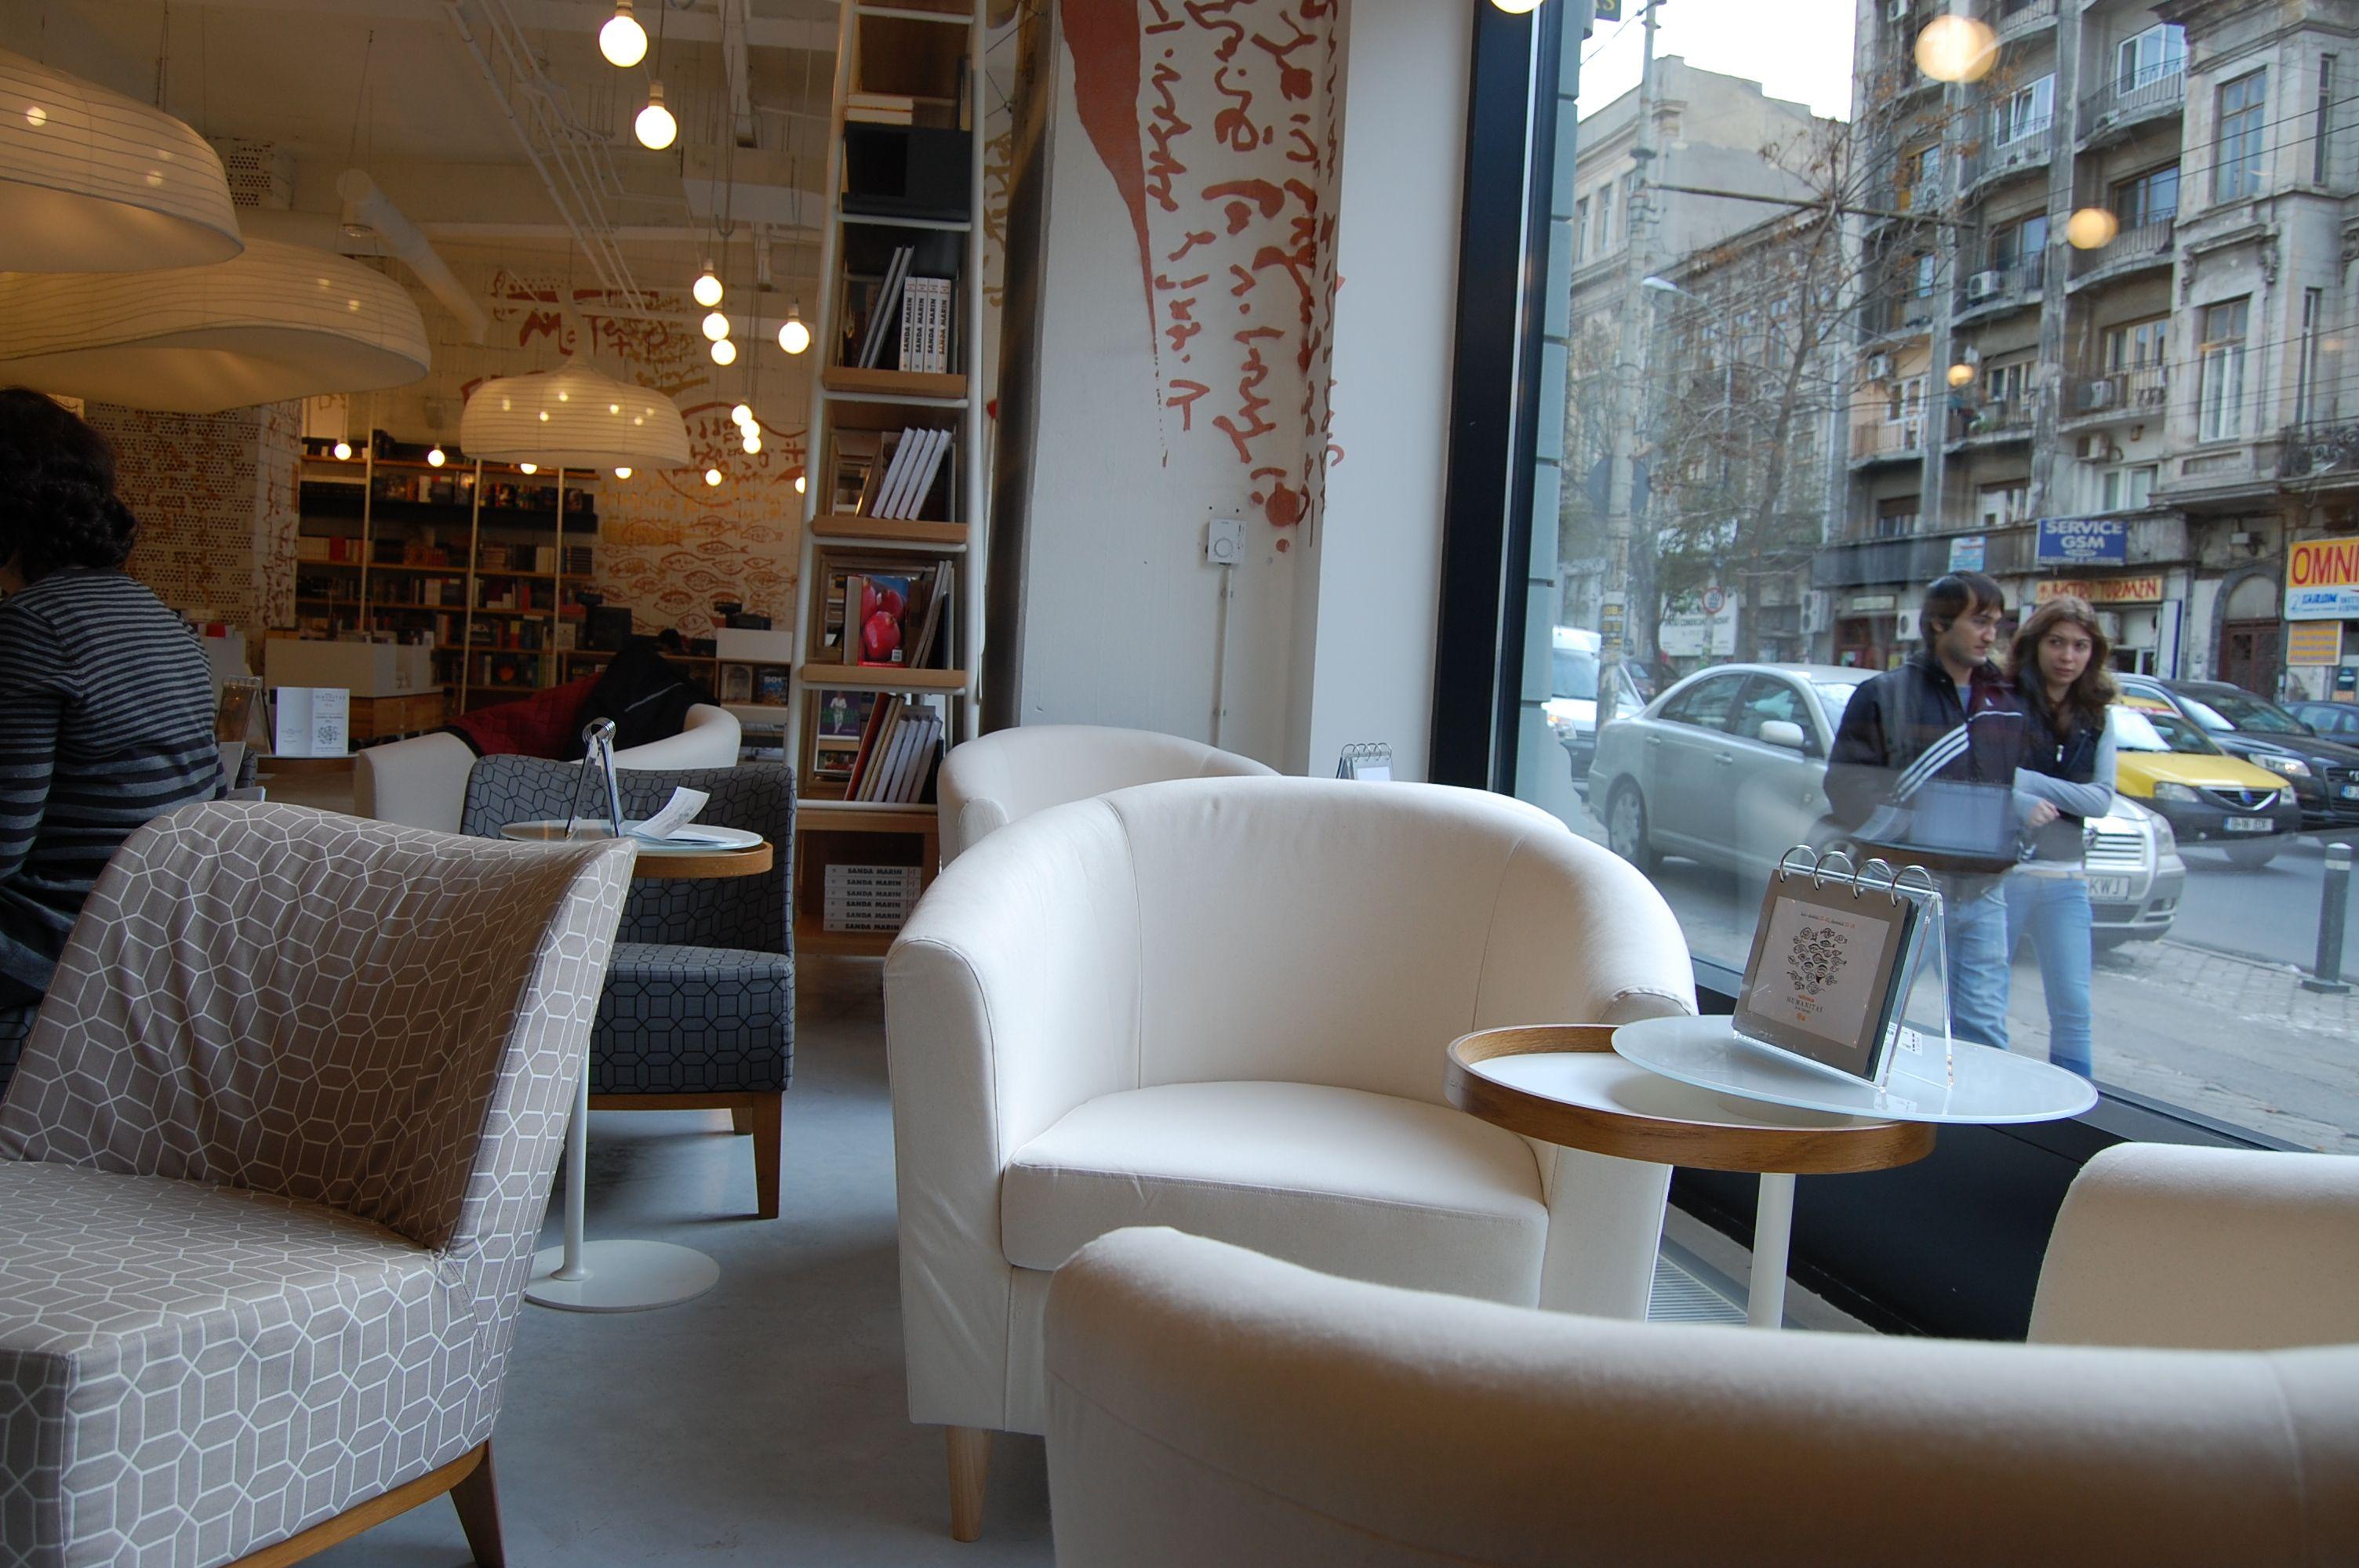 Am fost la noul Humanitas de la Cismigiu, cea mai frumoasa librarie din centrul Bucurestiului